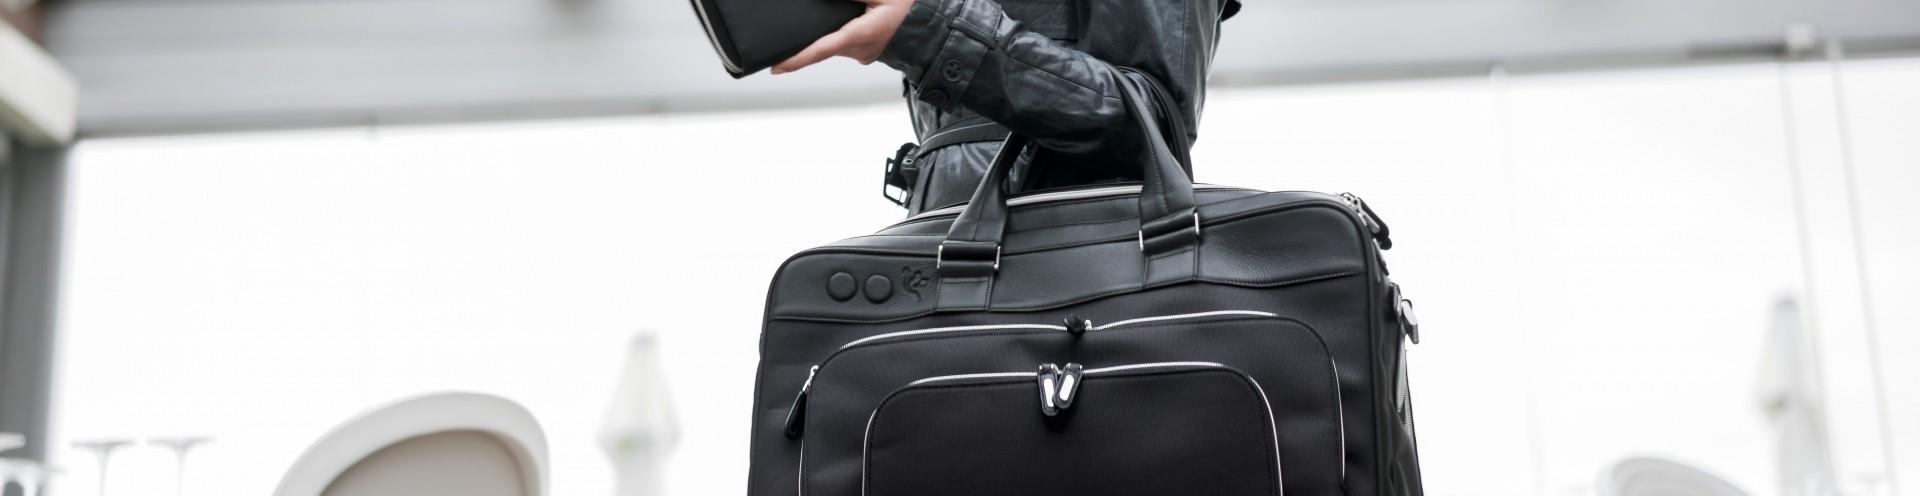 Elastic Locks for Backpacks y Travel Bags